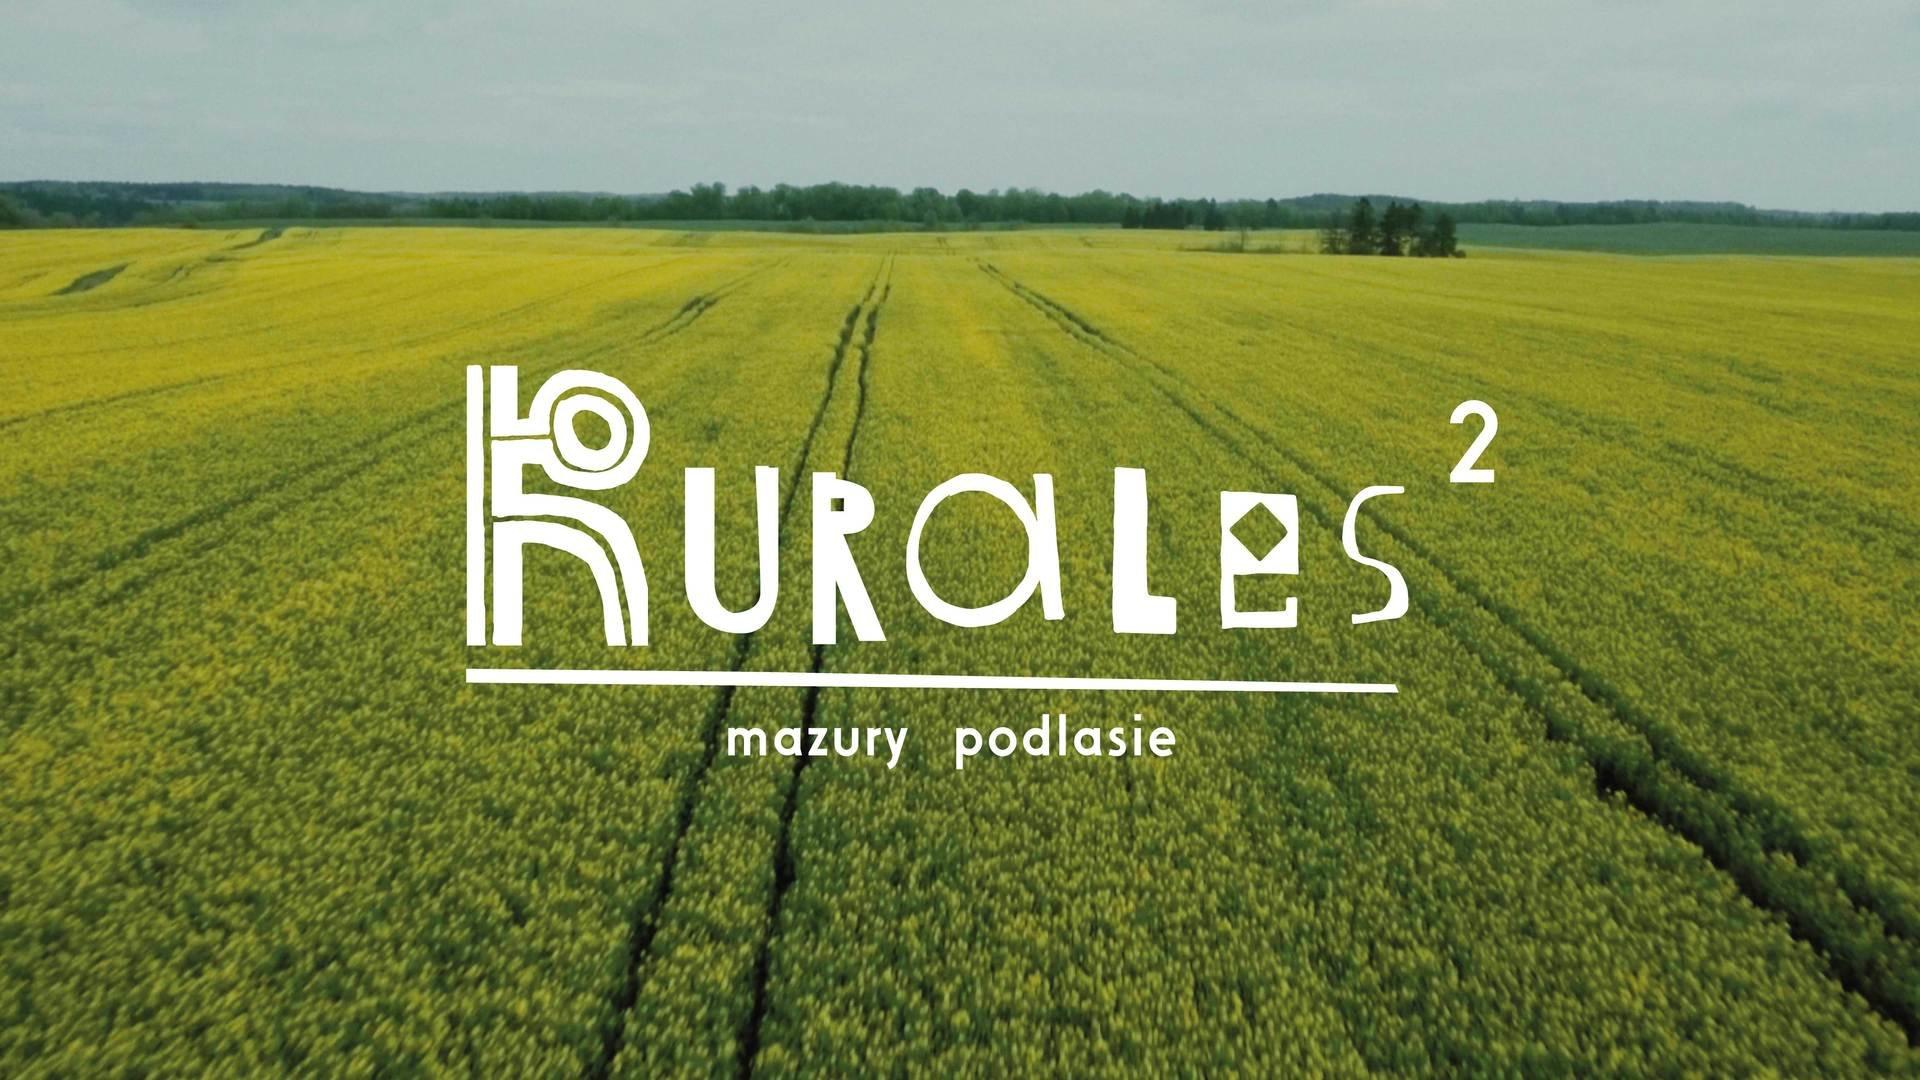 Premiera filmu Rurales 2 - sobota 27 maja 2017, godz. 20 oraz 21, Wozownia tuBAZA